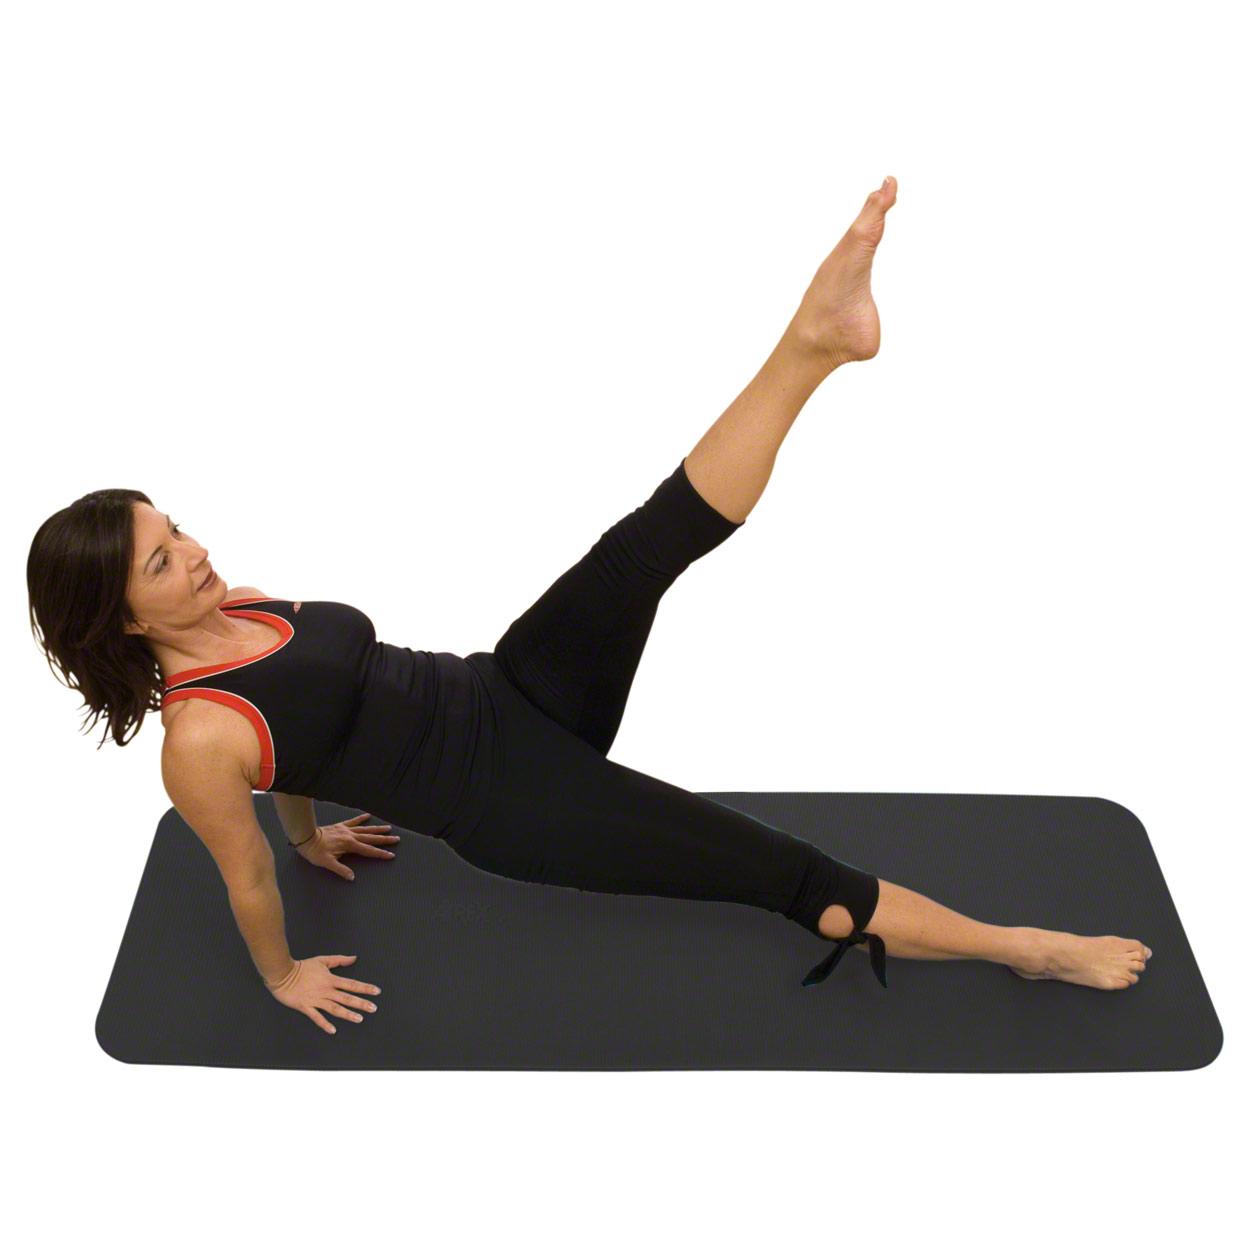 AIREX-Gymnastikmatte-Fitline-140-Sportmatte-Pilatesmatte-Turnmatte-Fitnessmatte Indexbild 17